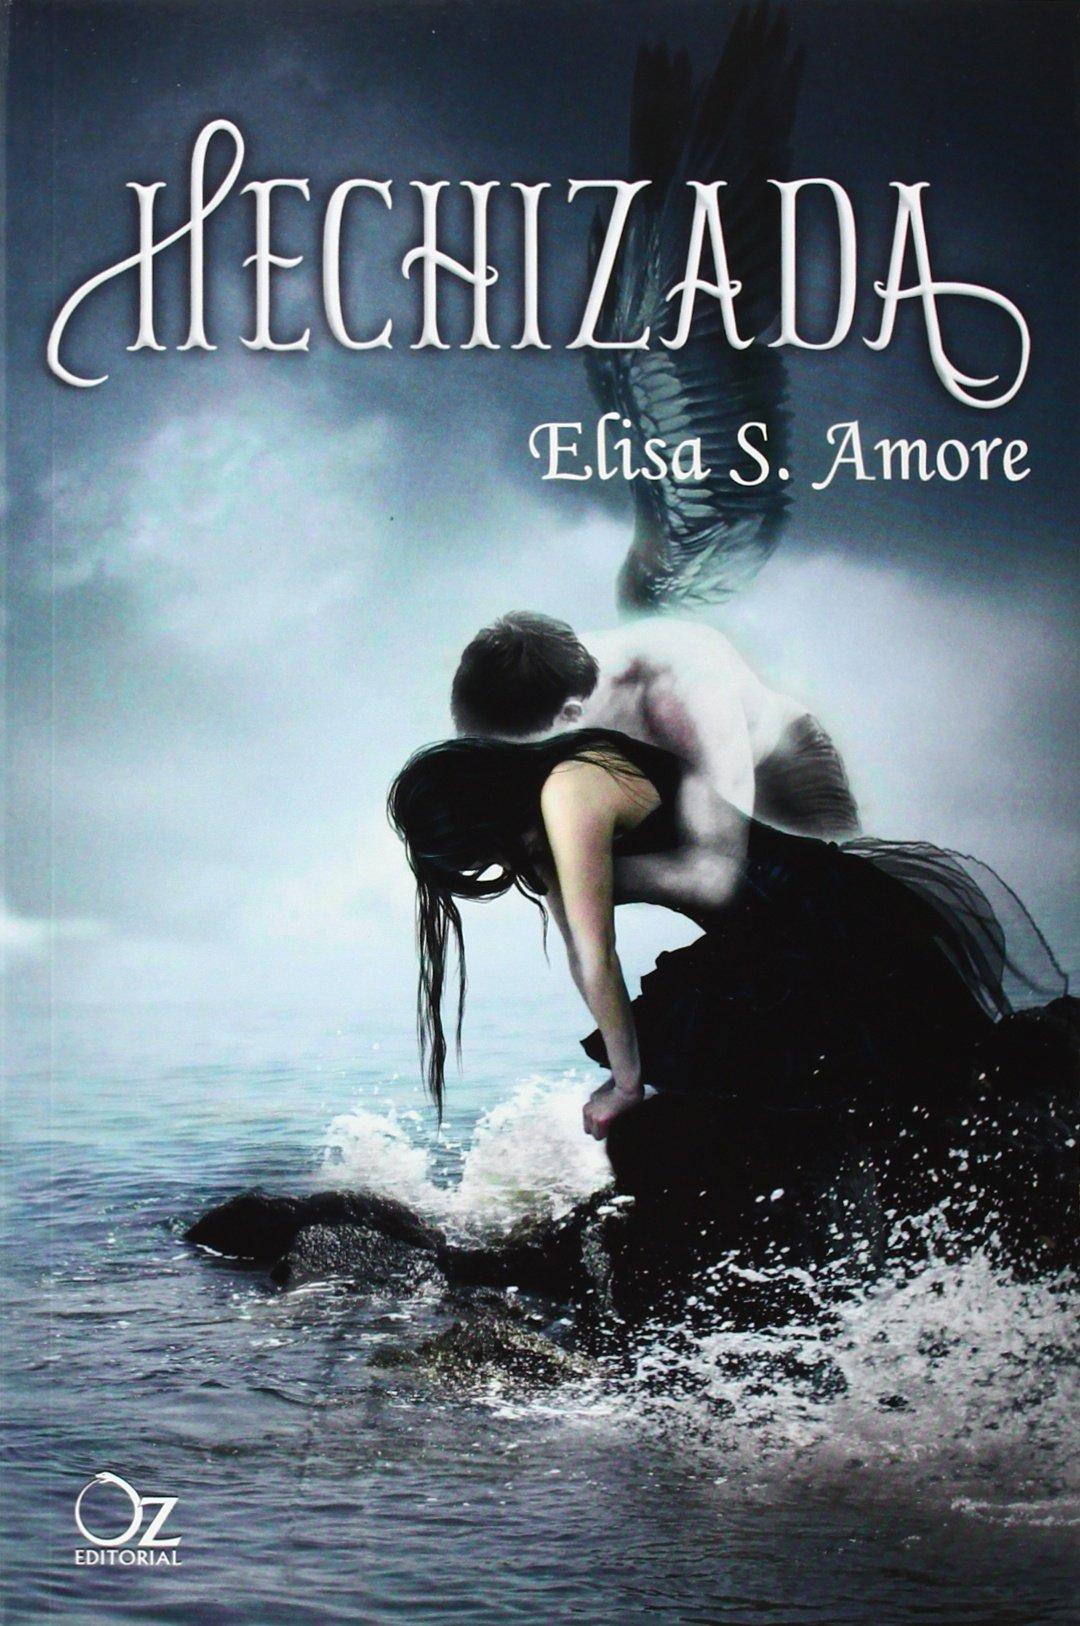 Hechizada (Oz Editorial): Amazon.es: Elisa S. Amore, Elena Rodríguez García: Libros